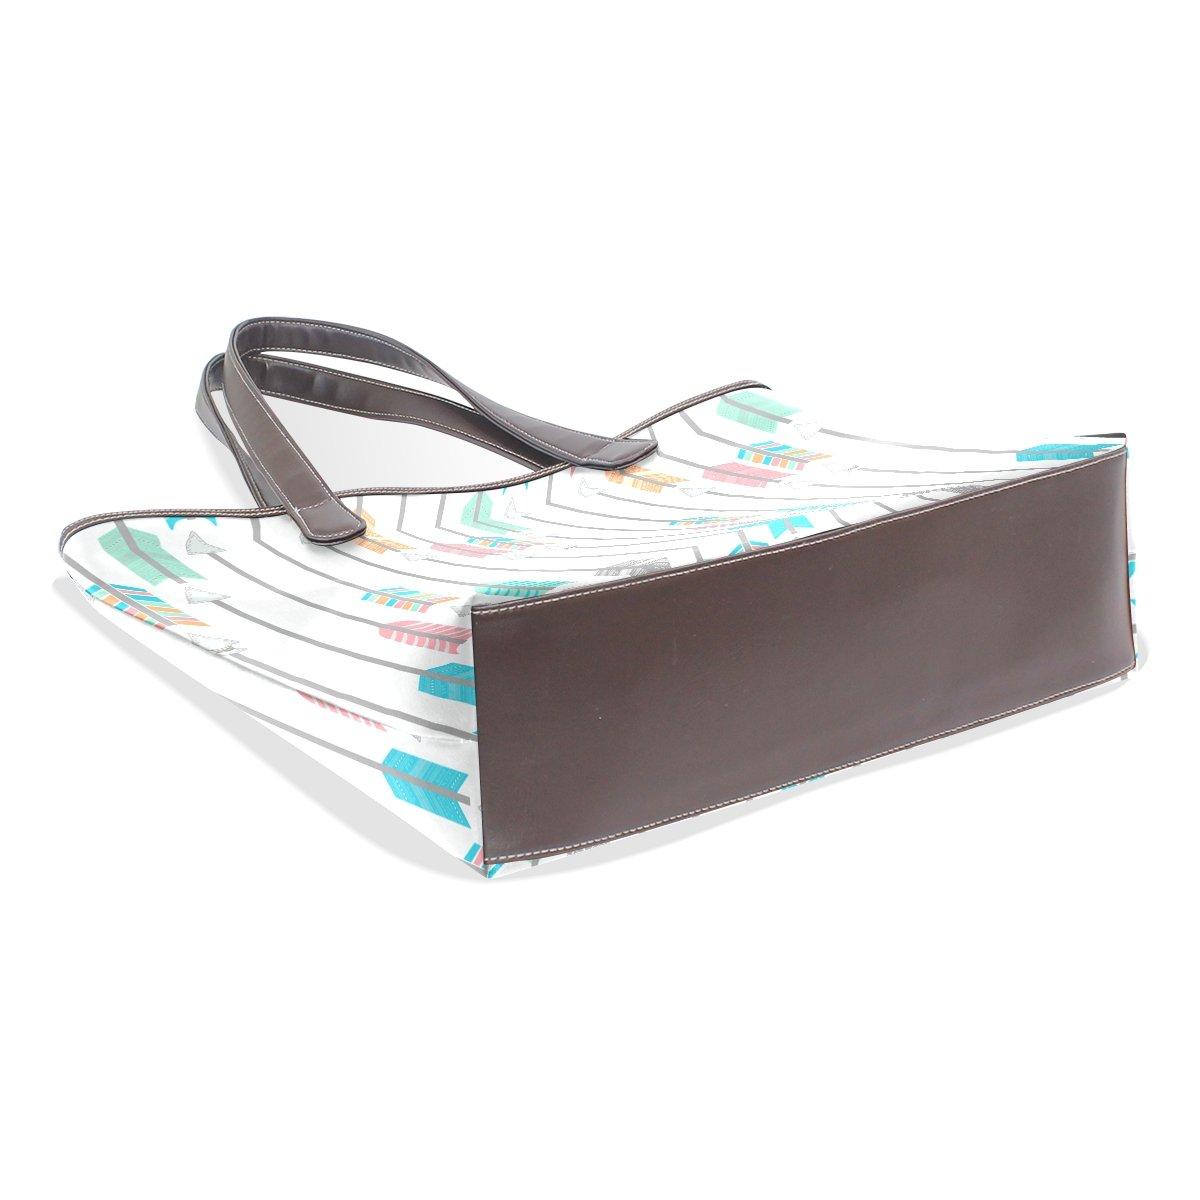 COOSUN Bunte Pfeile große Taschen-PU-Leder-Handgriff-Schulter-Beutel-Taschen-Tasche M (40x29x9) cm muticolour B07CKC5QCY B07CKC5QCY B07CKC5QCY Schultertaschen Vorzugspreis b2276d